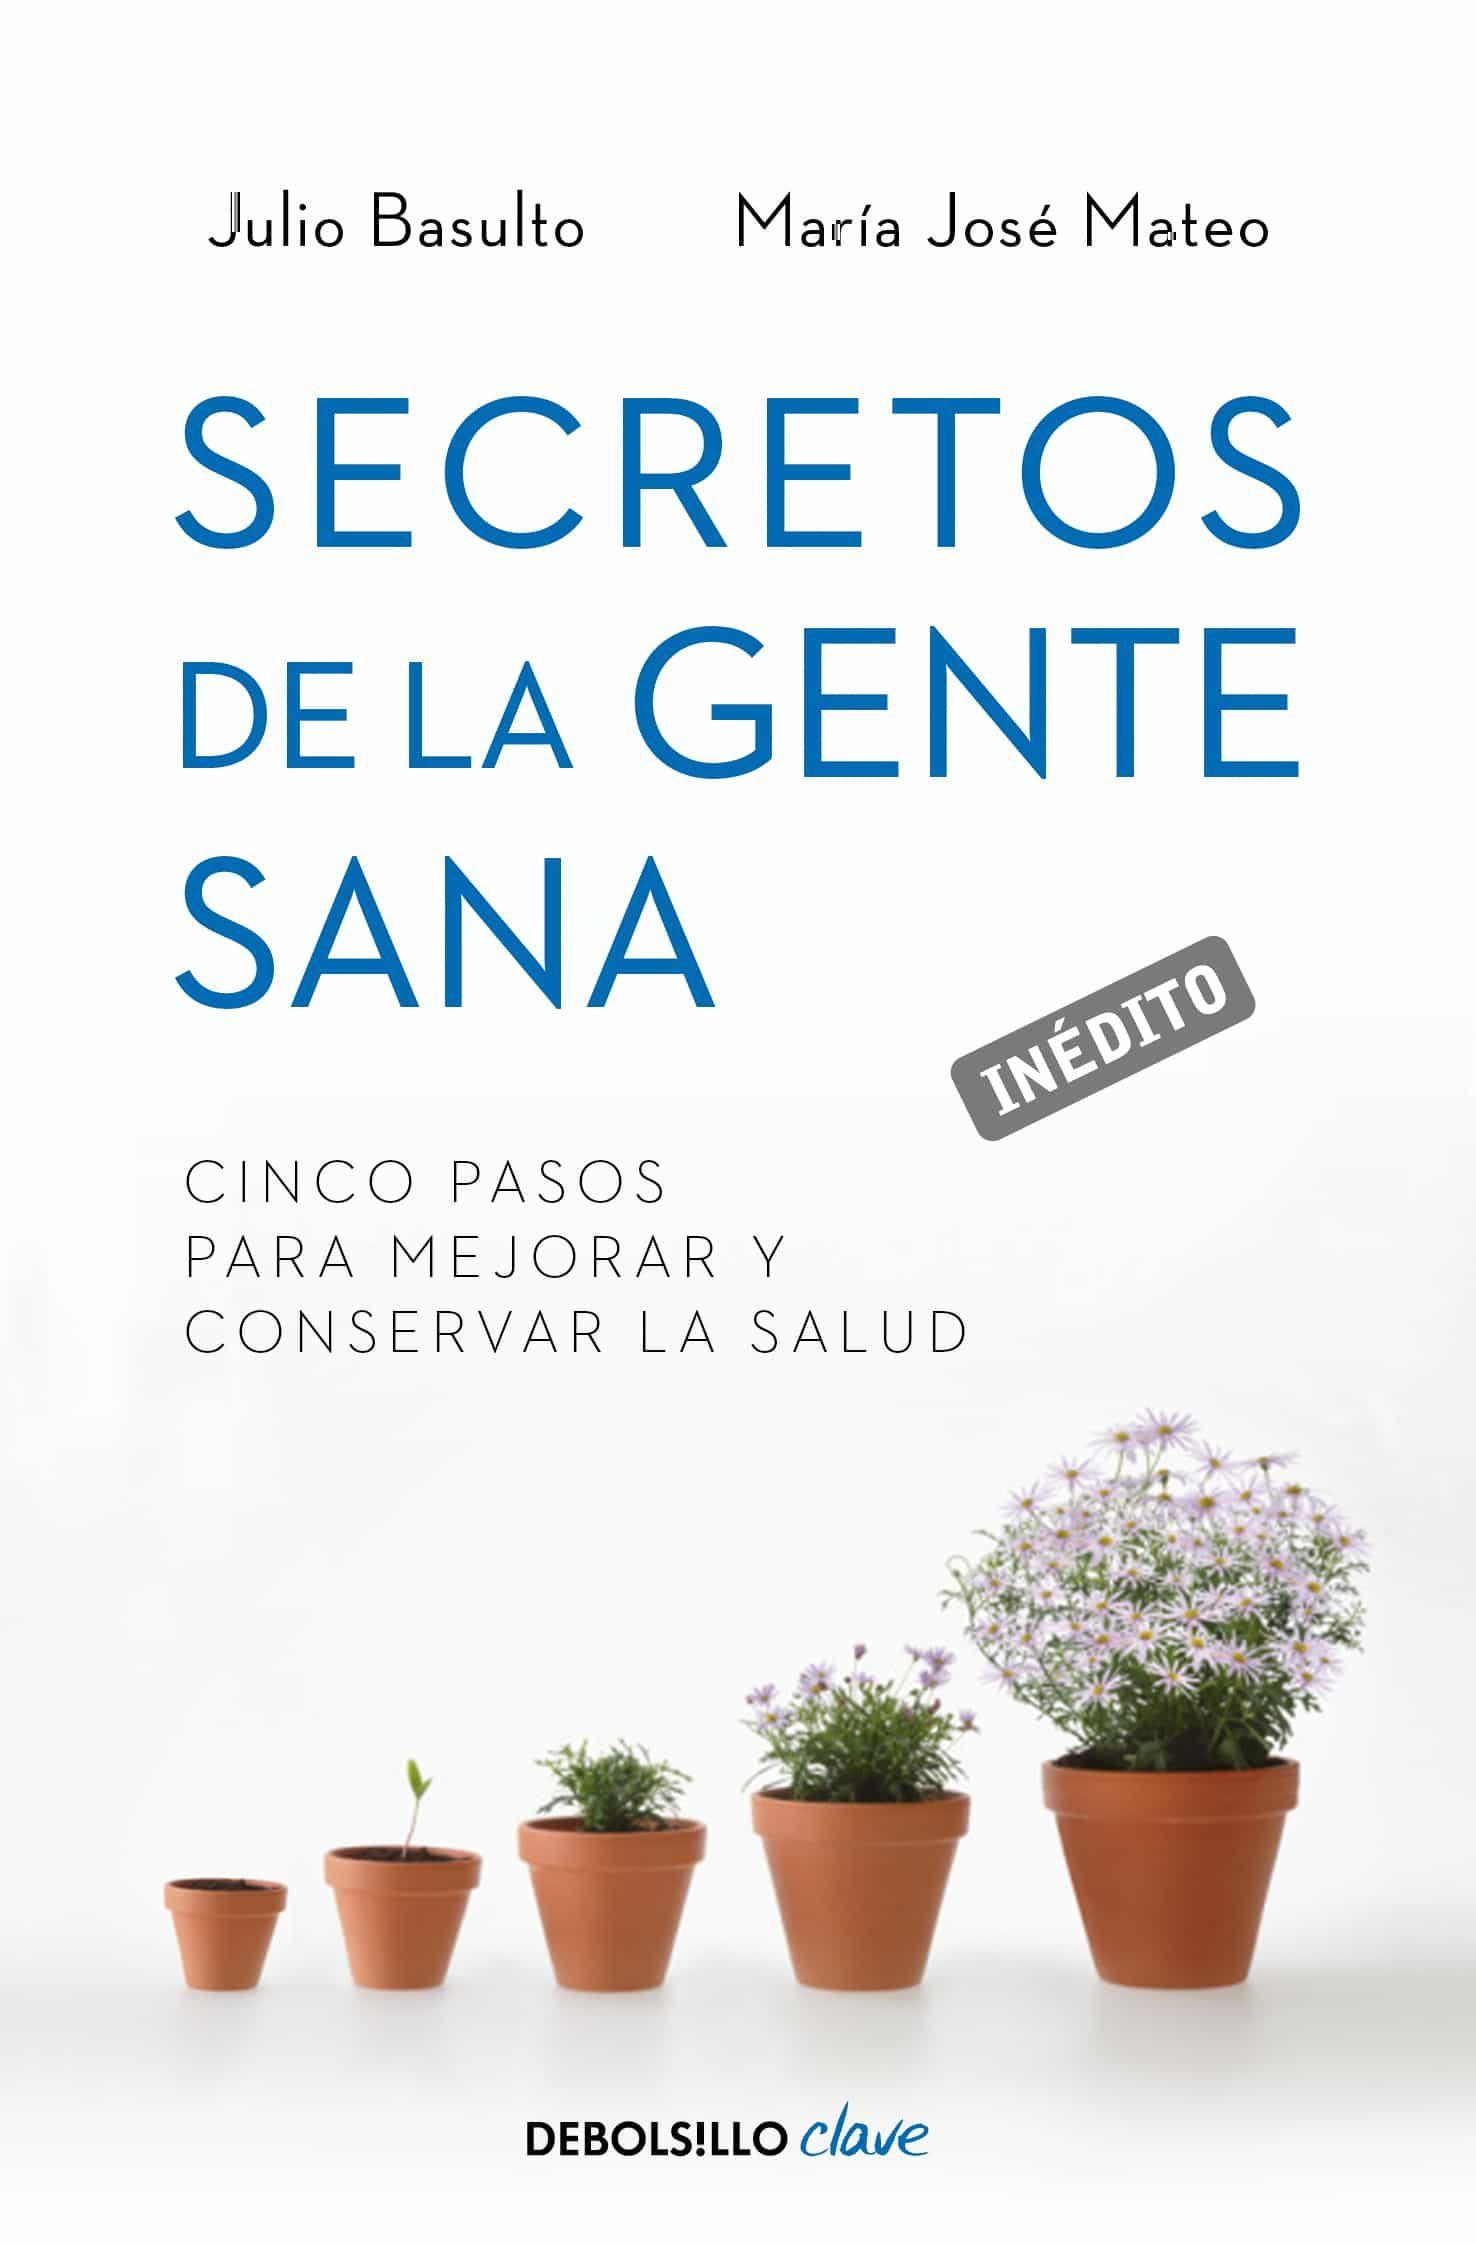 Secretos De La Gente Sana   por Julio Basulto, Maria Jose Mateu